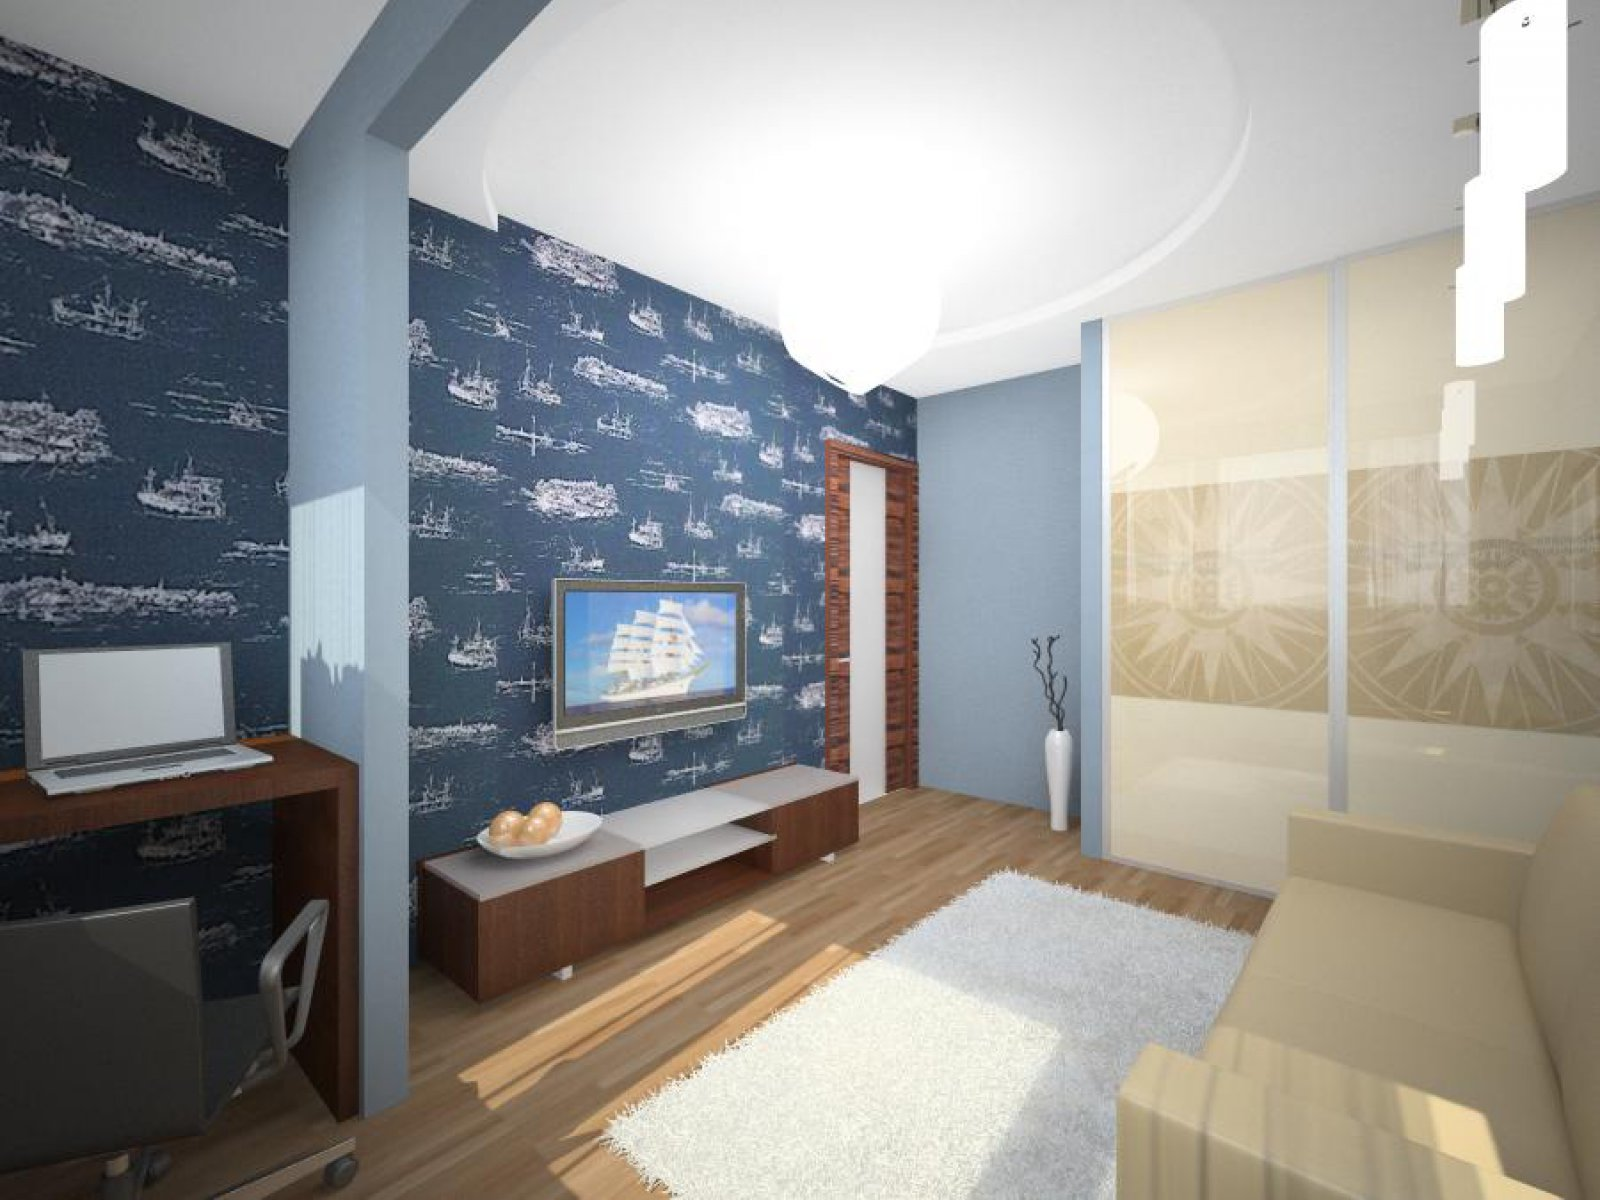 Дизайн квартиры в панельном доме трехкомнатная